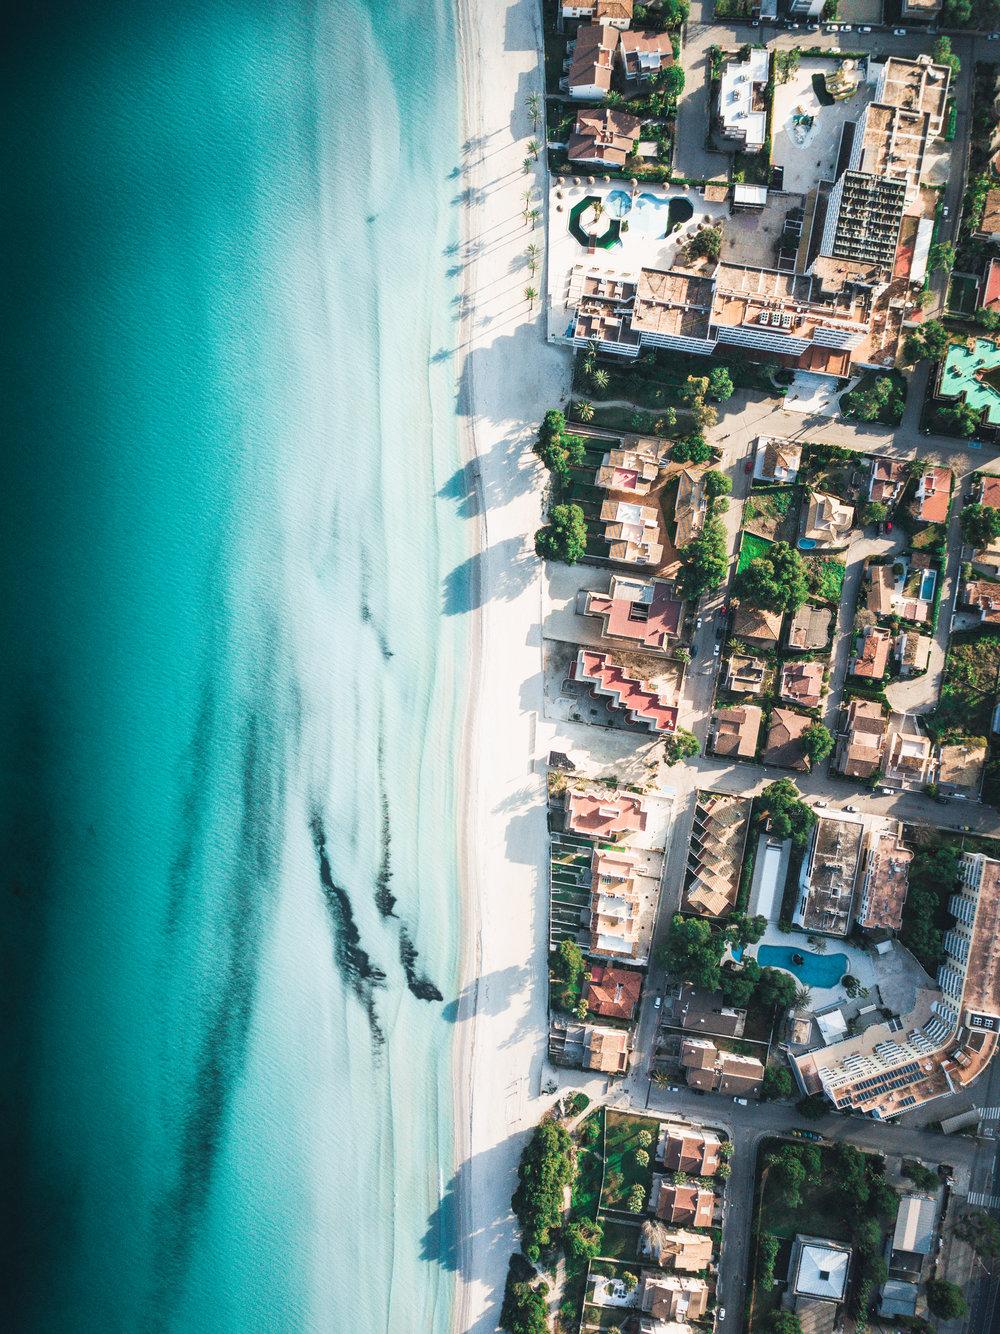 Playa de Muro - Sea & Houses (1 of 1).jpg